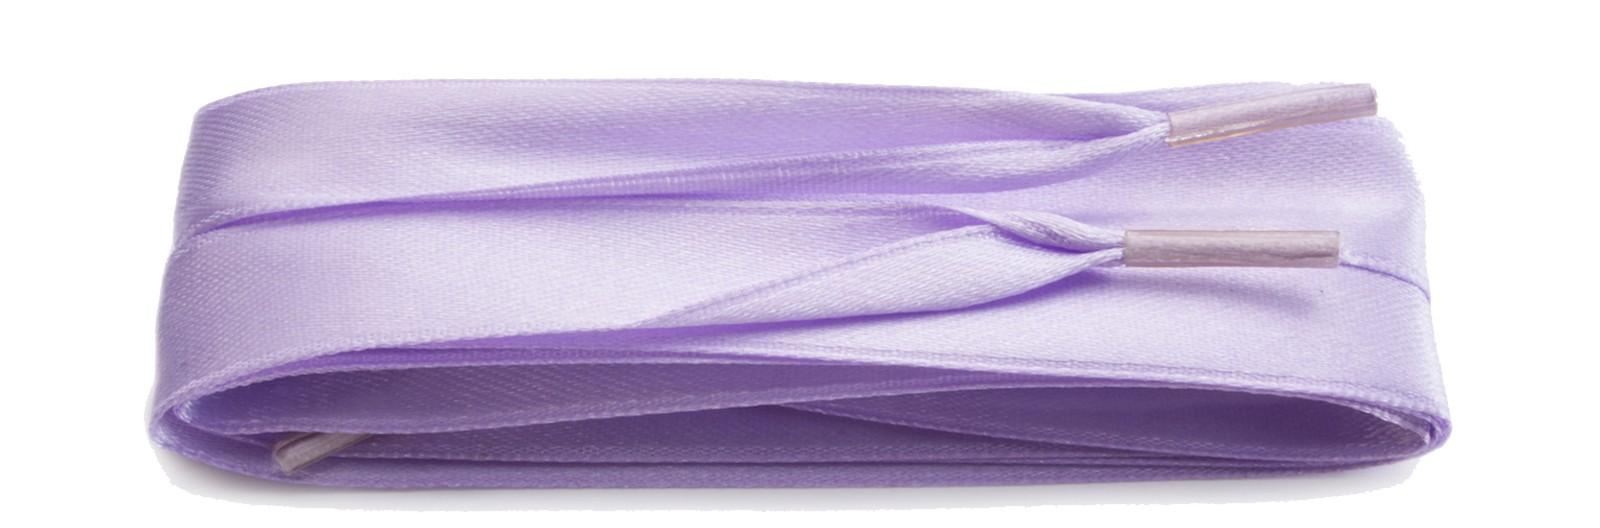 Sneaker Lilac Ribbon Laces